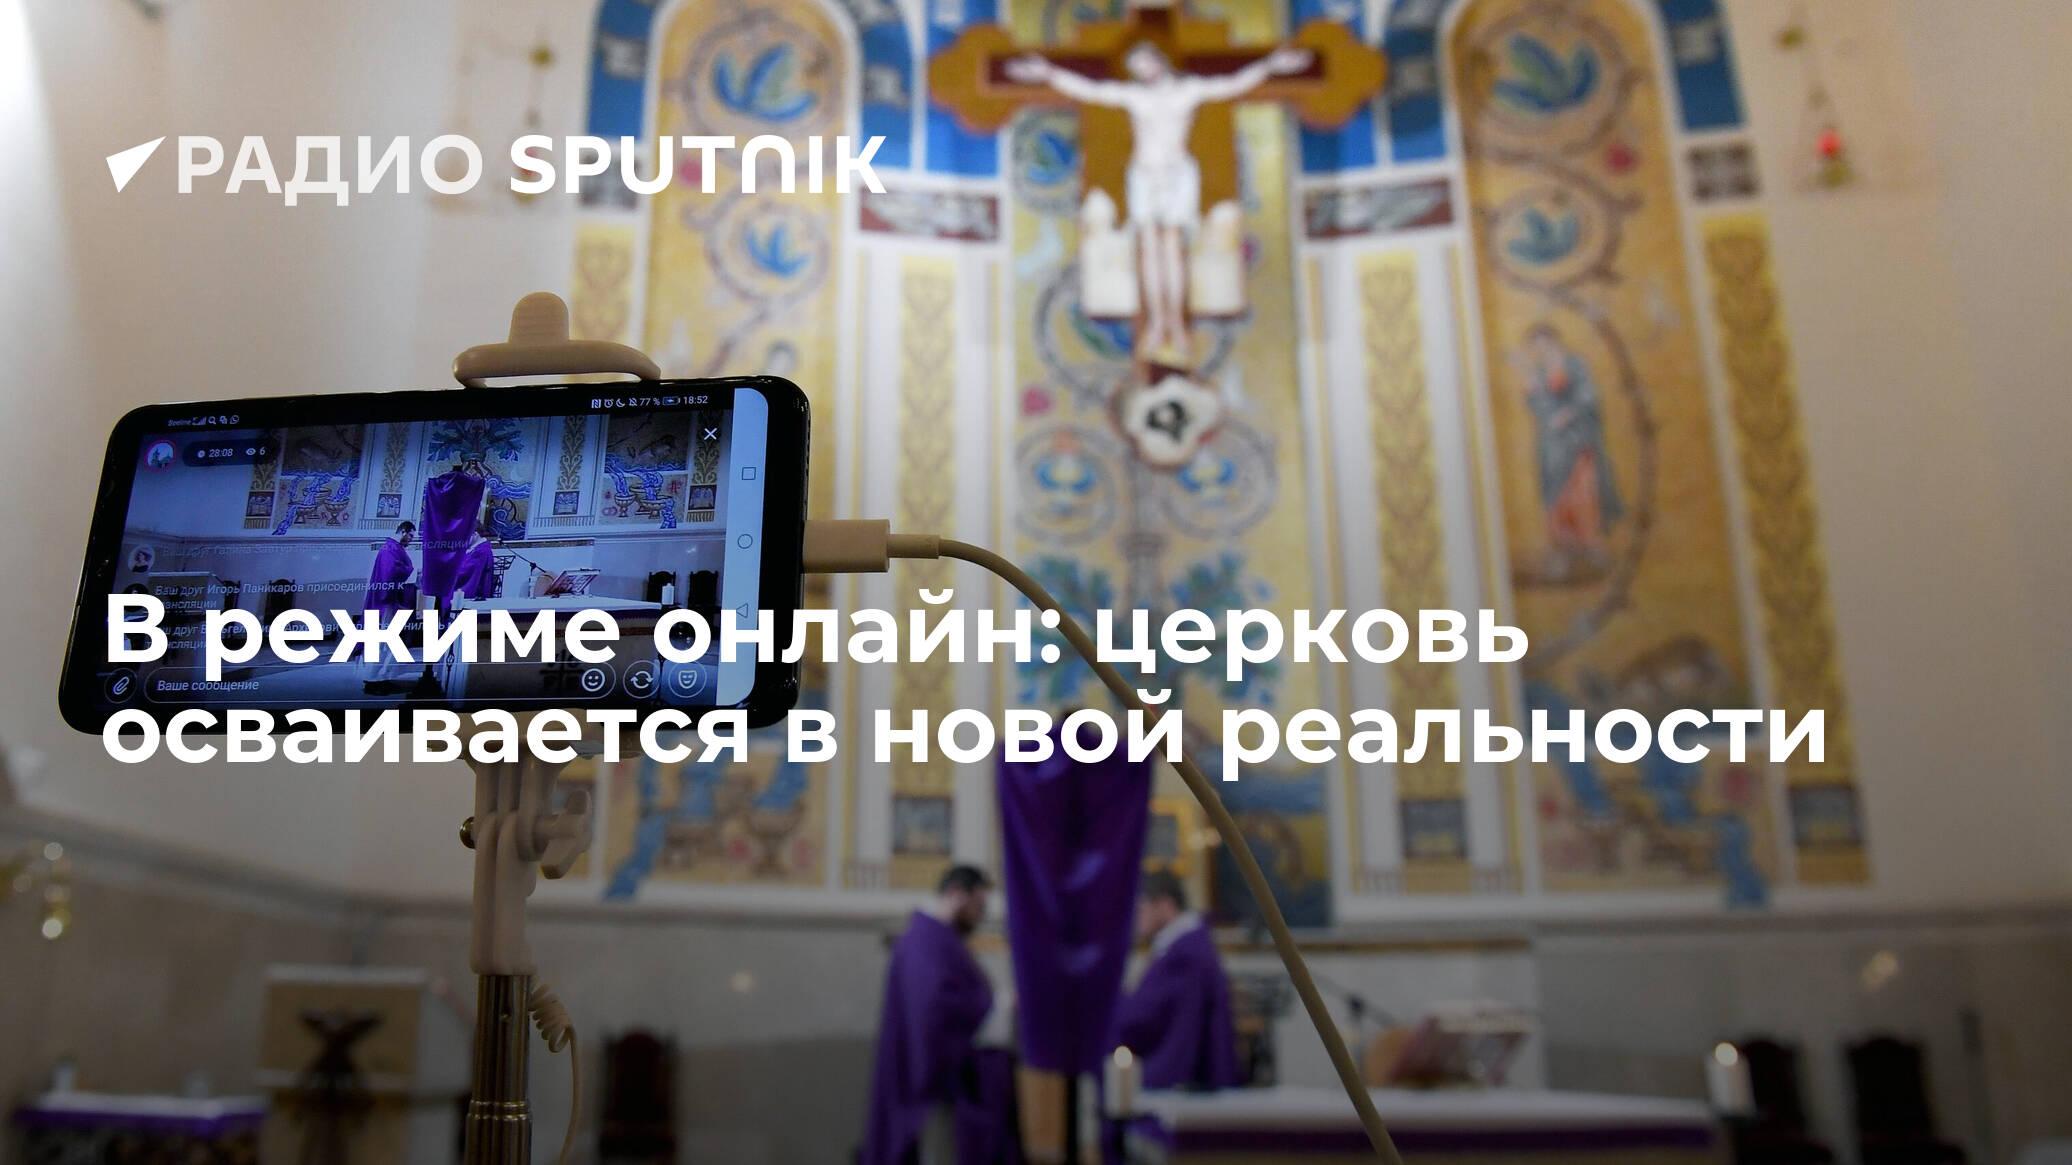 В режиме онлайн: церковь осваивается в новой реальности